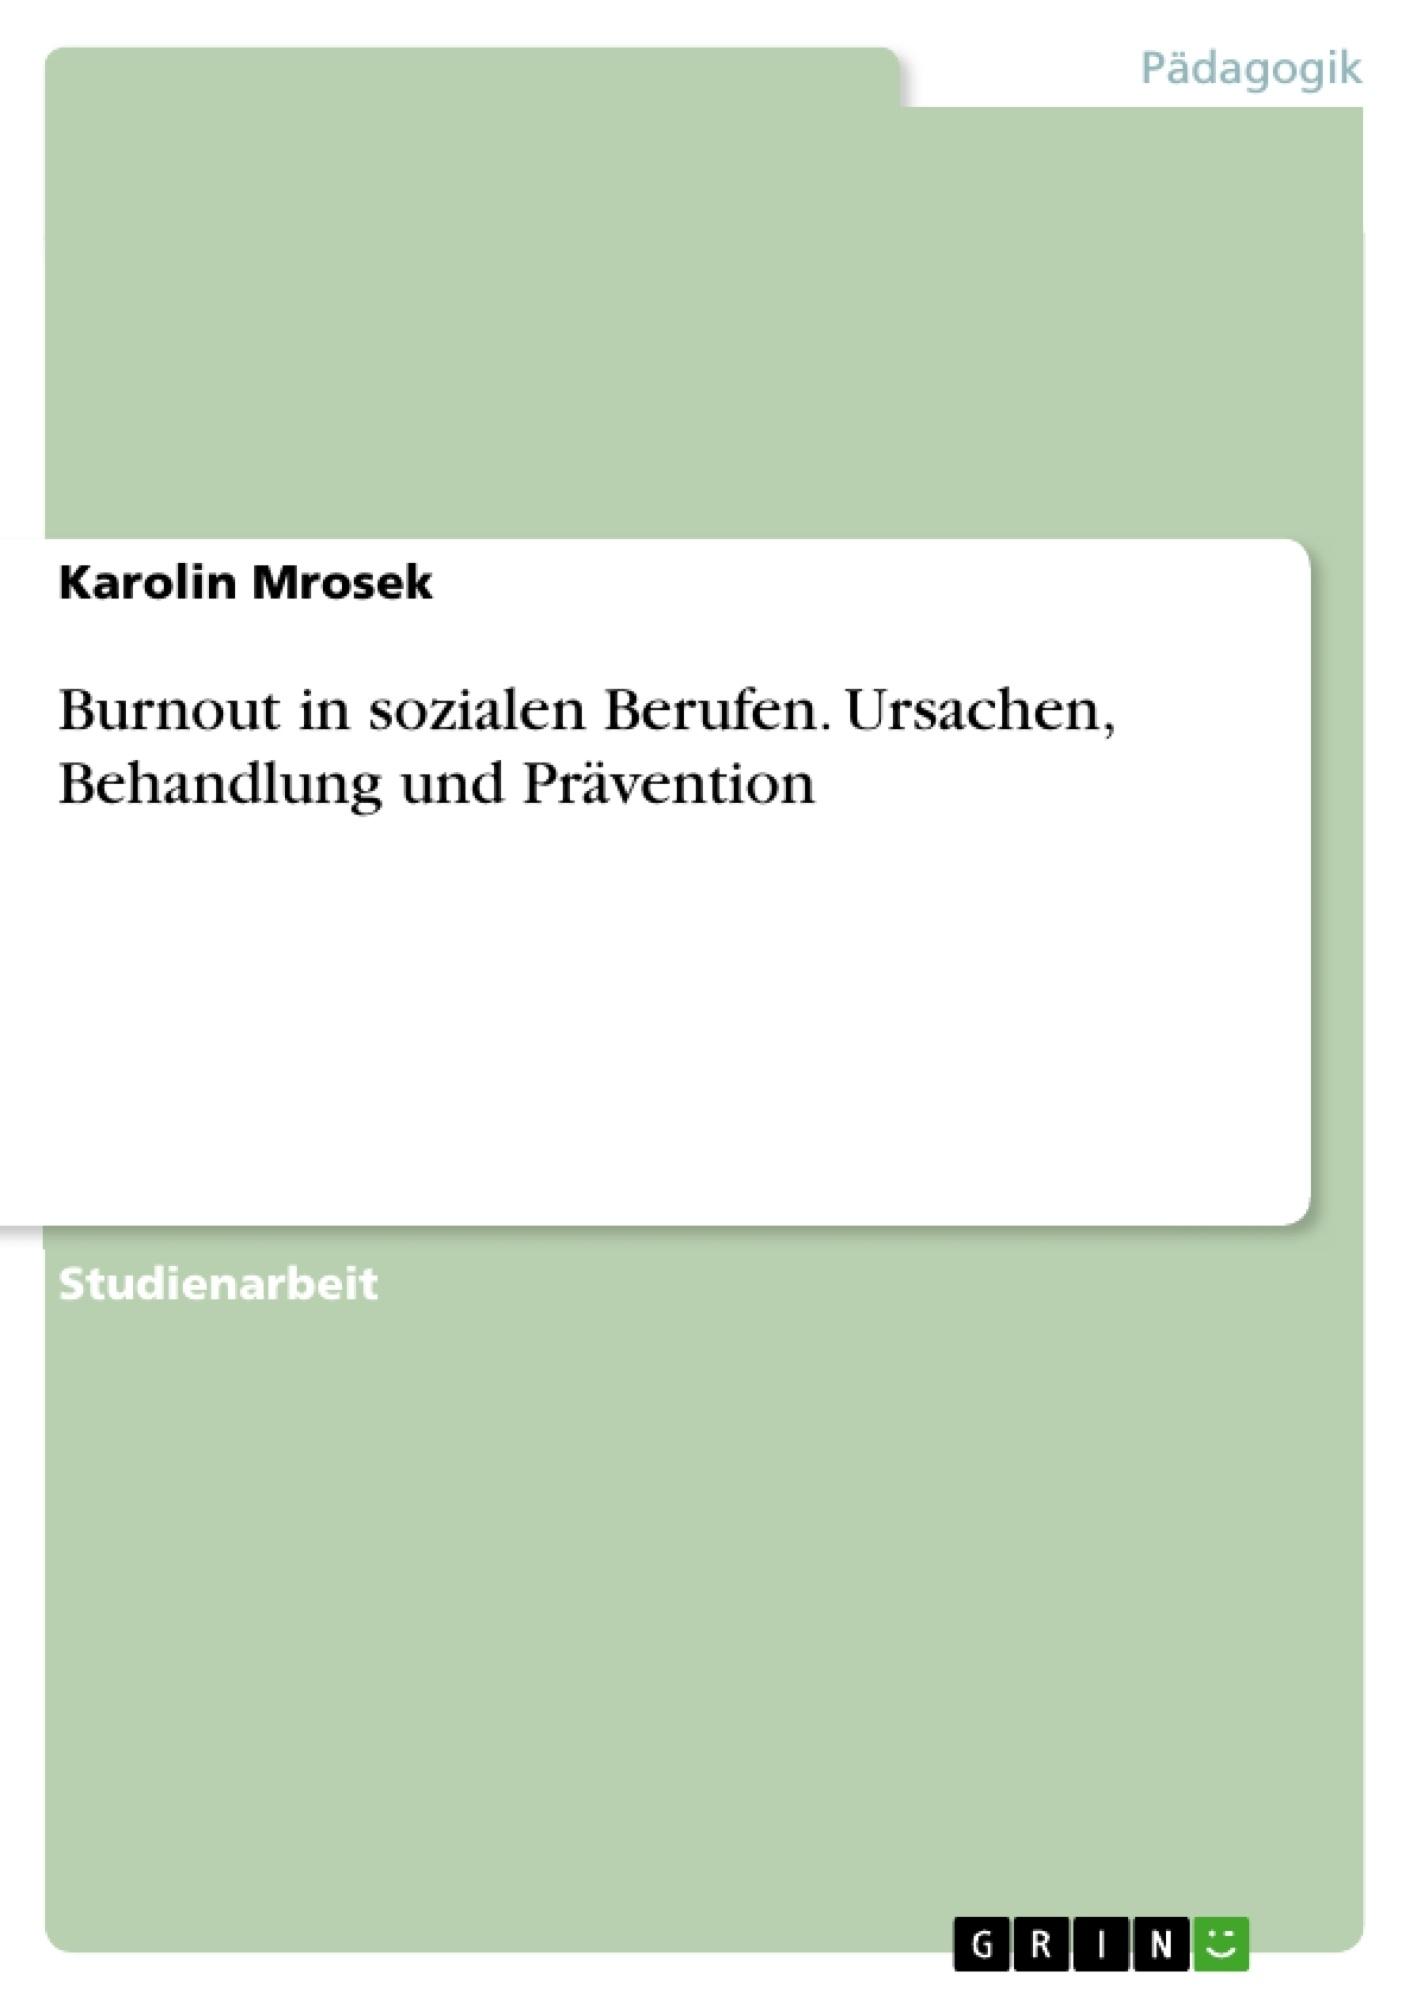 Titel: Burnout in sozialen Berufen. Ursachen, Behandlung und Prävention